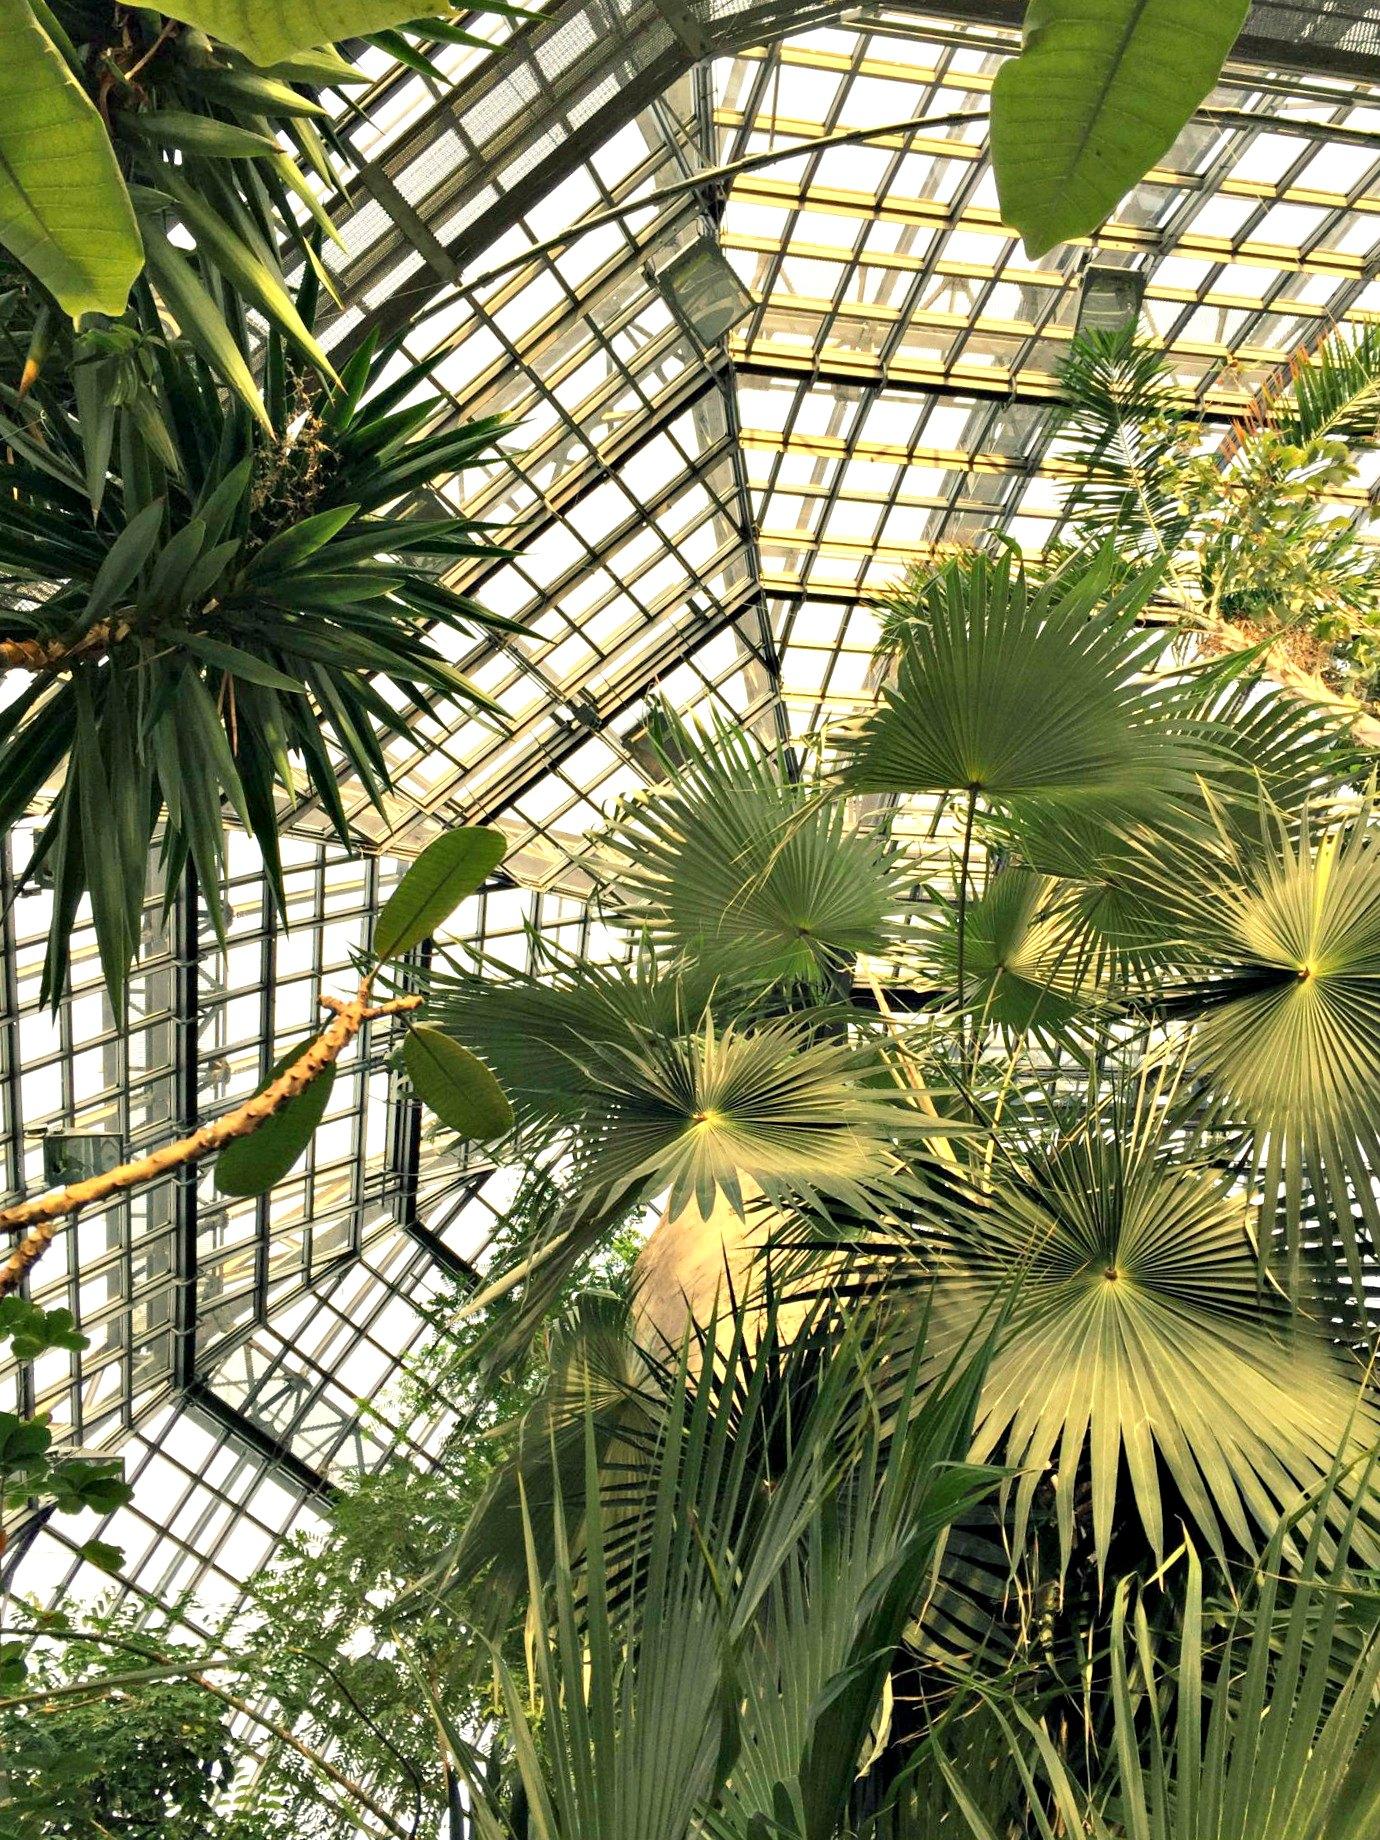 großes topenhaus botanischer garten dahlem